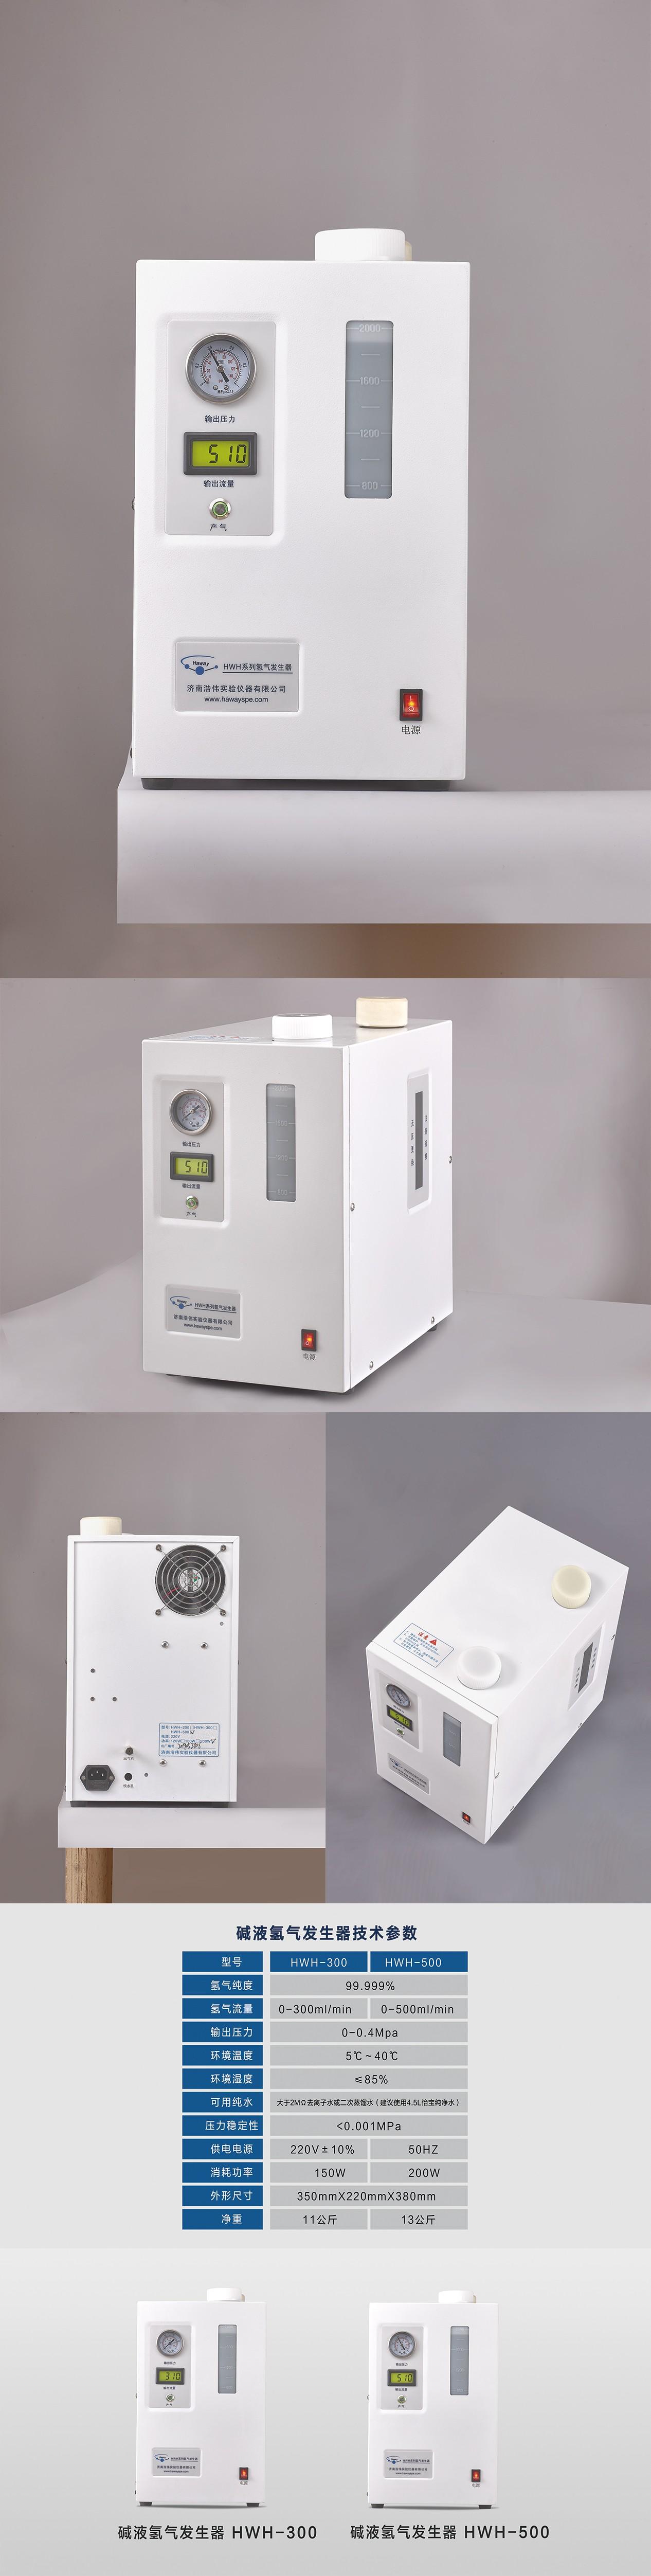 碱液500(1).jpg